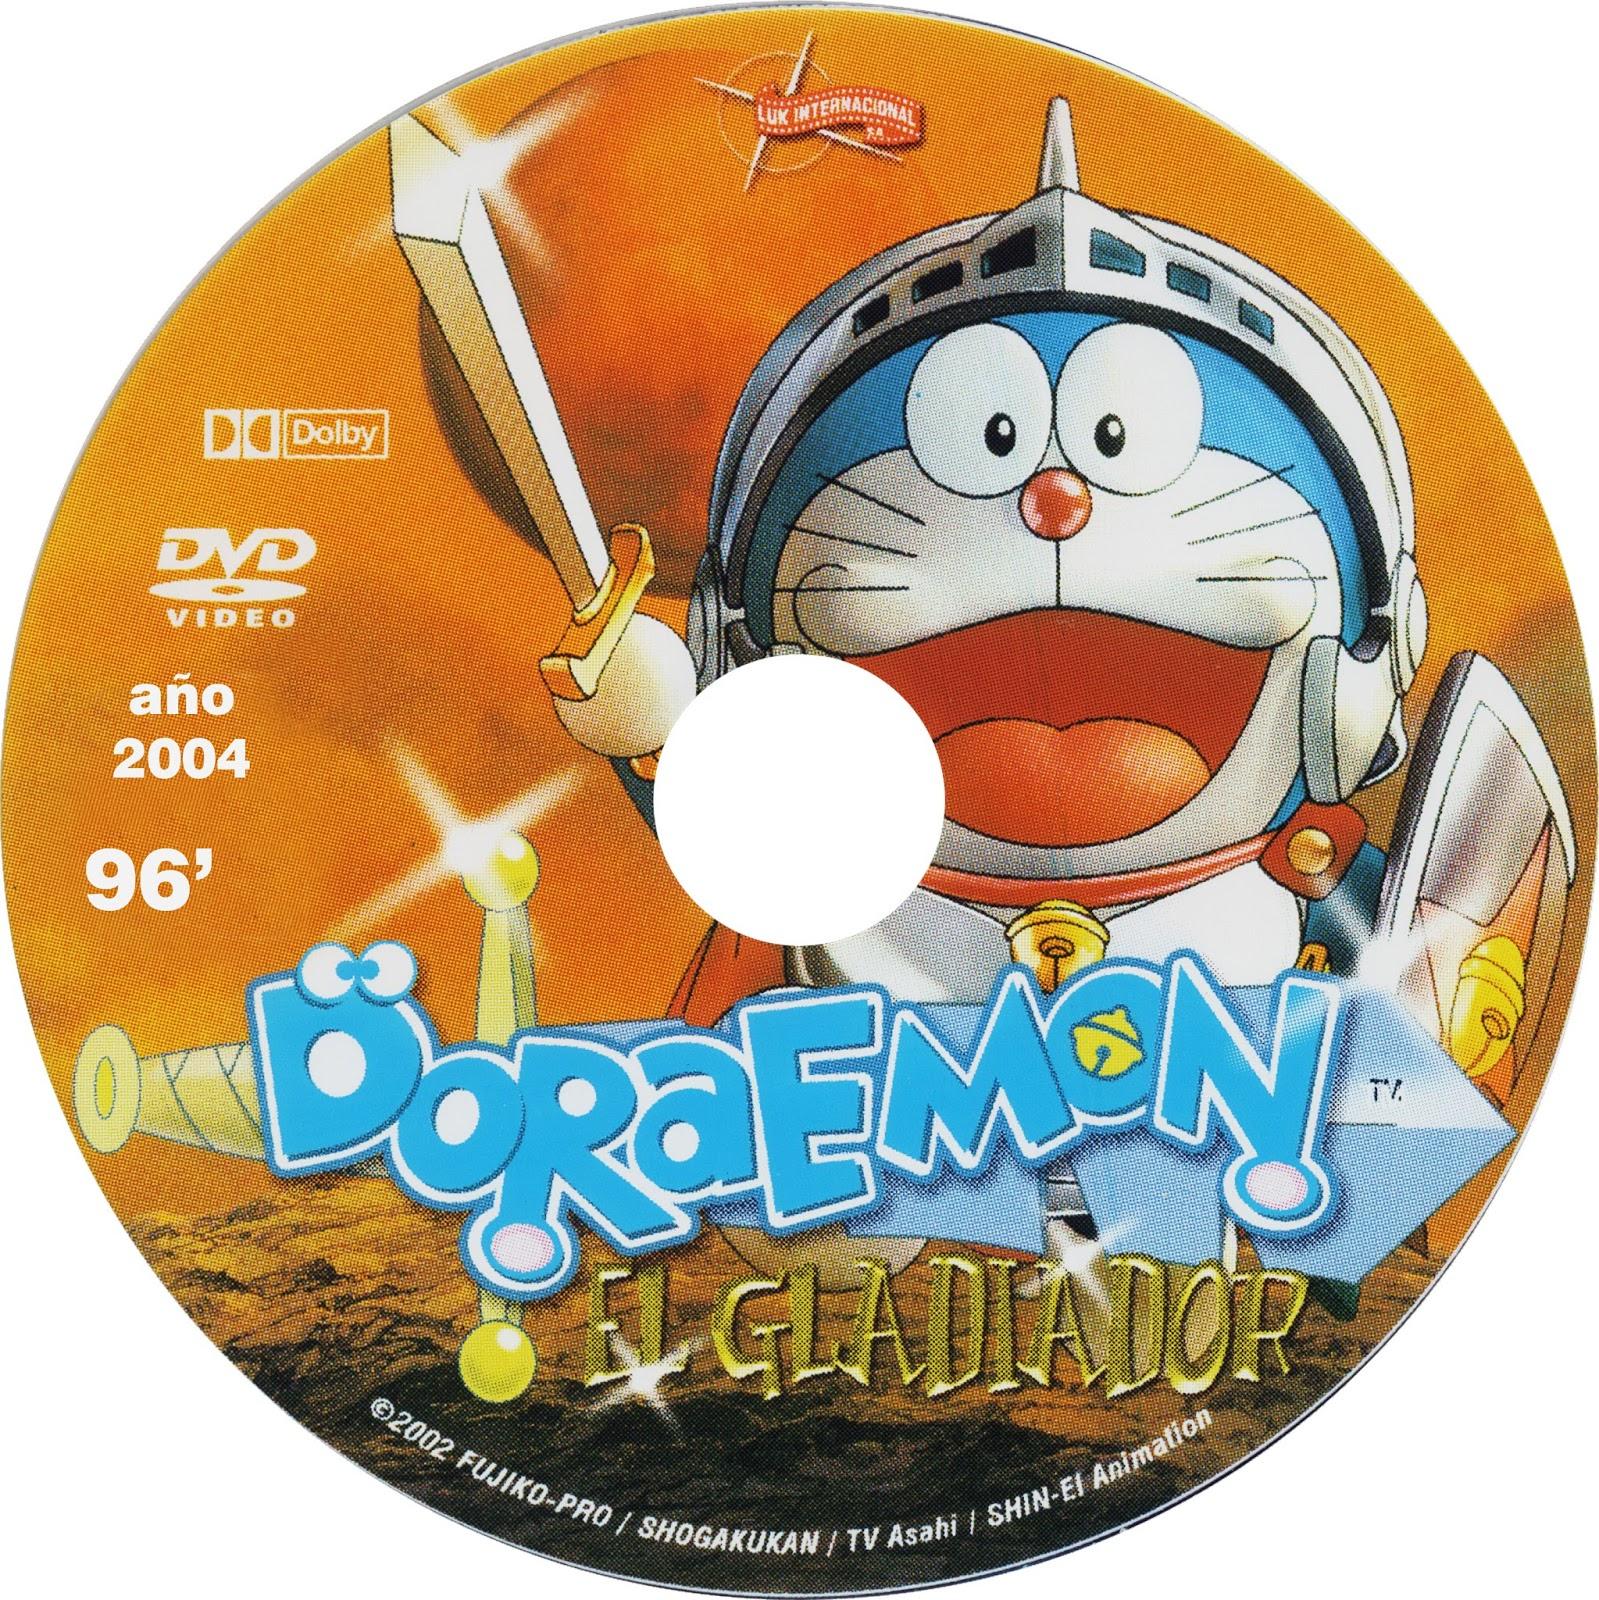 Caratulas De Películas DVD Para Cajas CD: Doraemon El